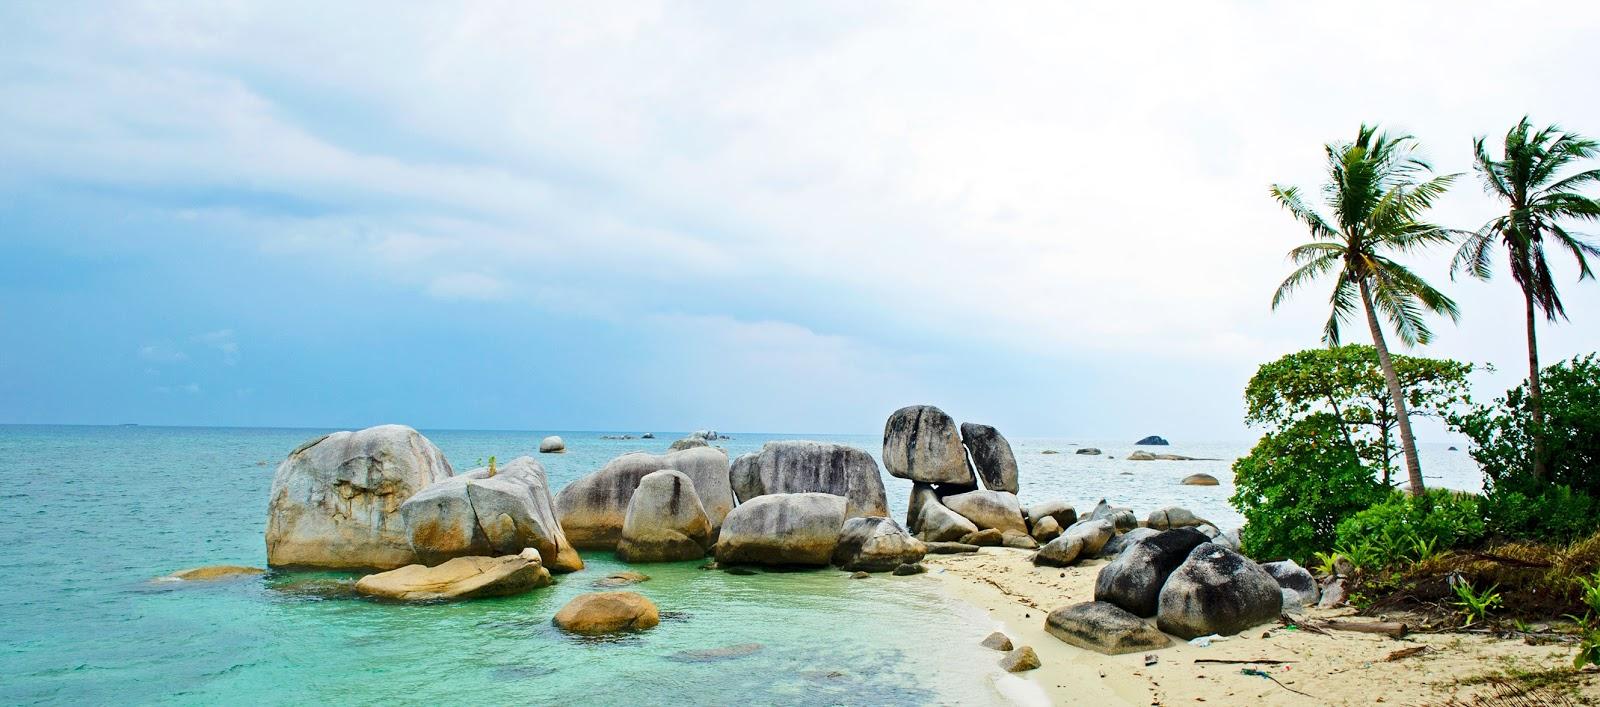 تعرف علي أجمل جزر اندونيسياتعرف علي أجمل جزر اندونيسيا